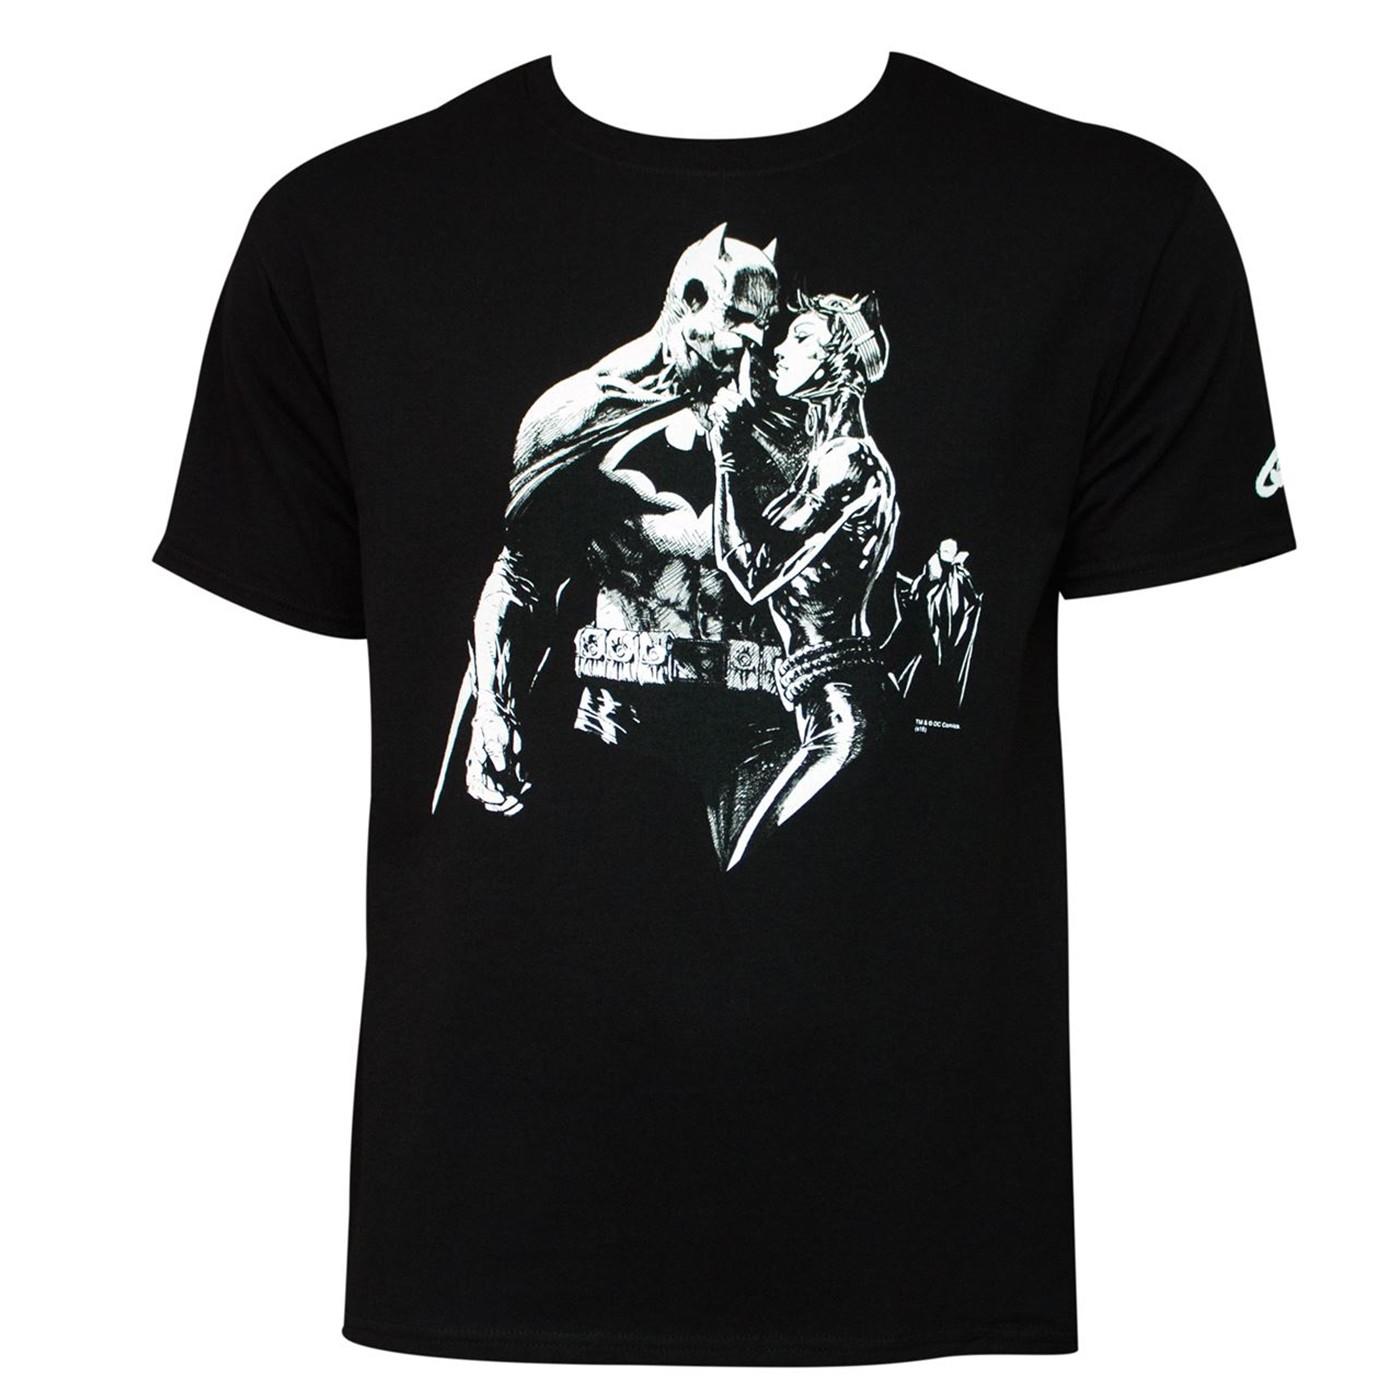 Batman: Hushhhhh T-Shirt by Jim Lee